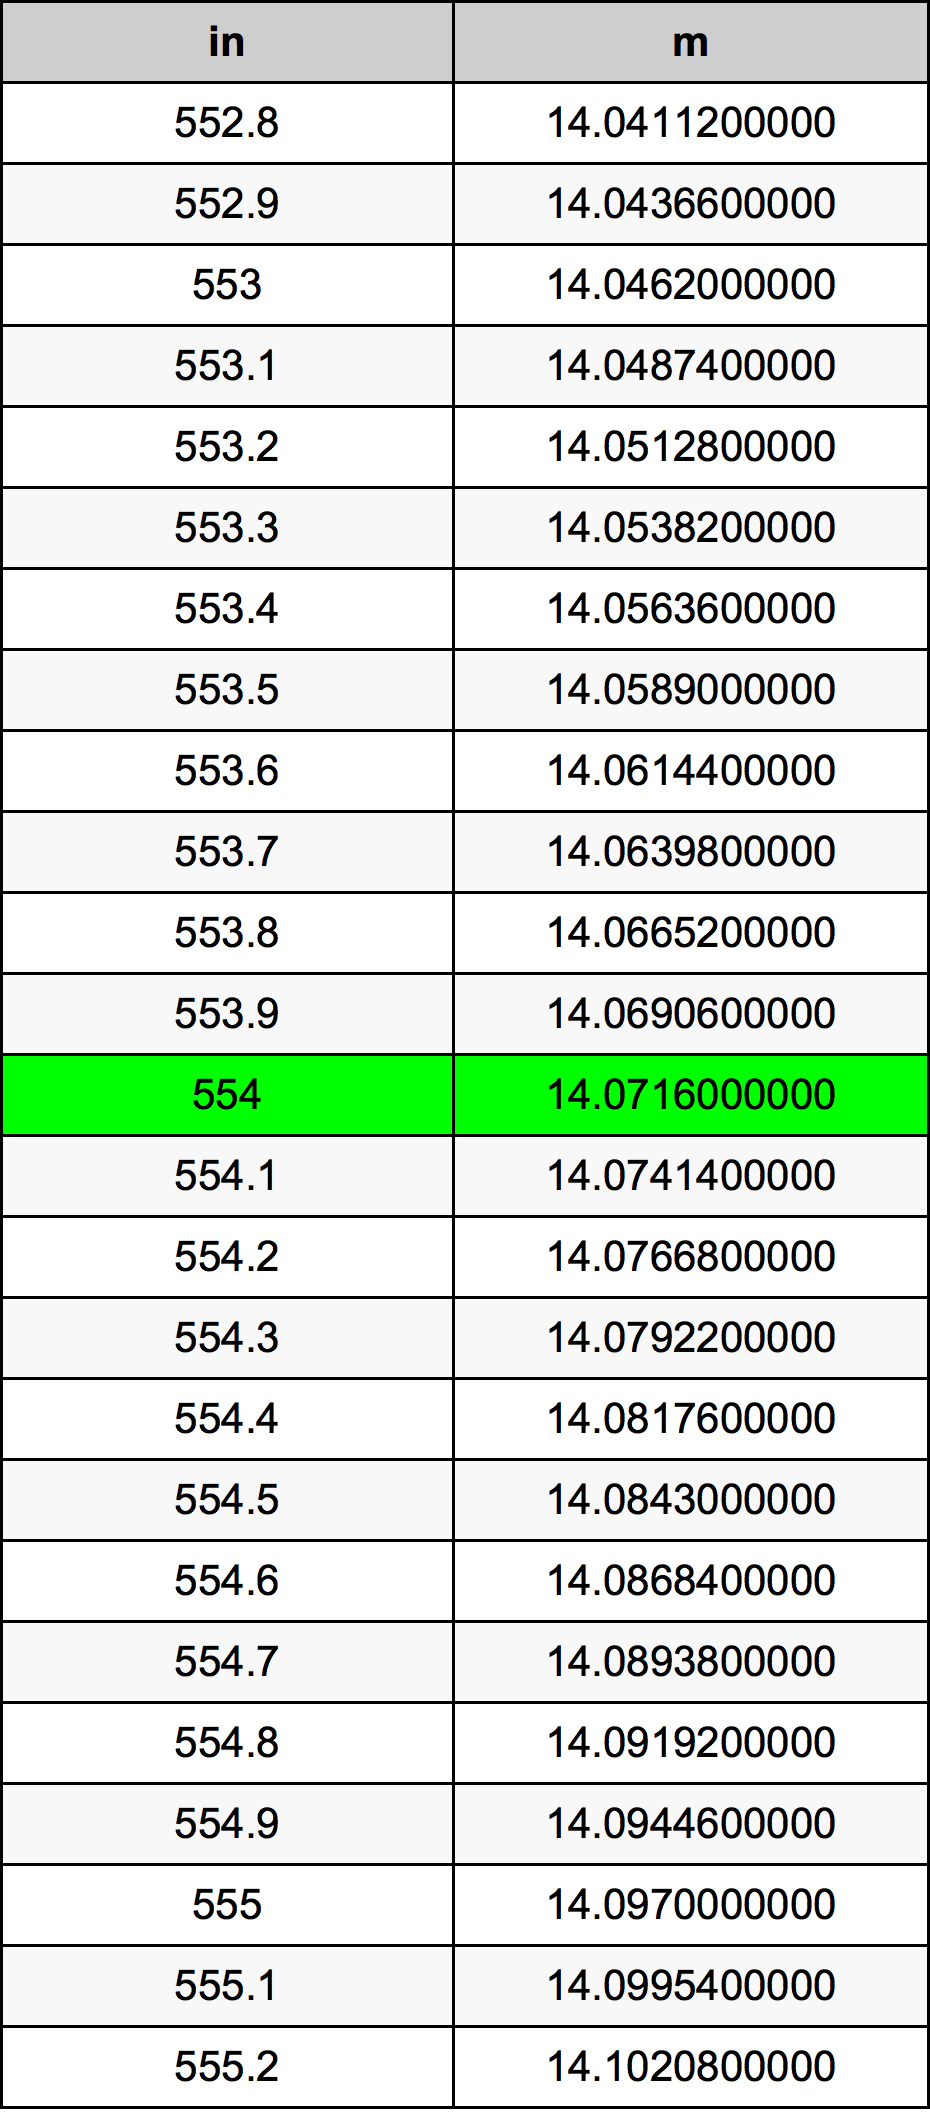 554 Țol tabelul de conversie